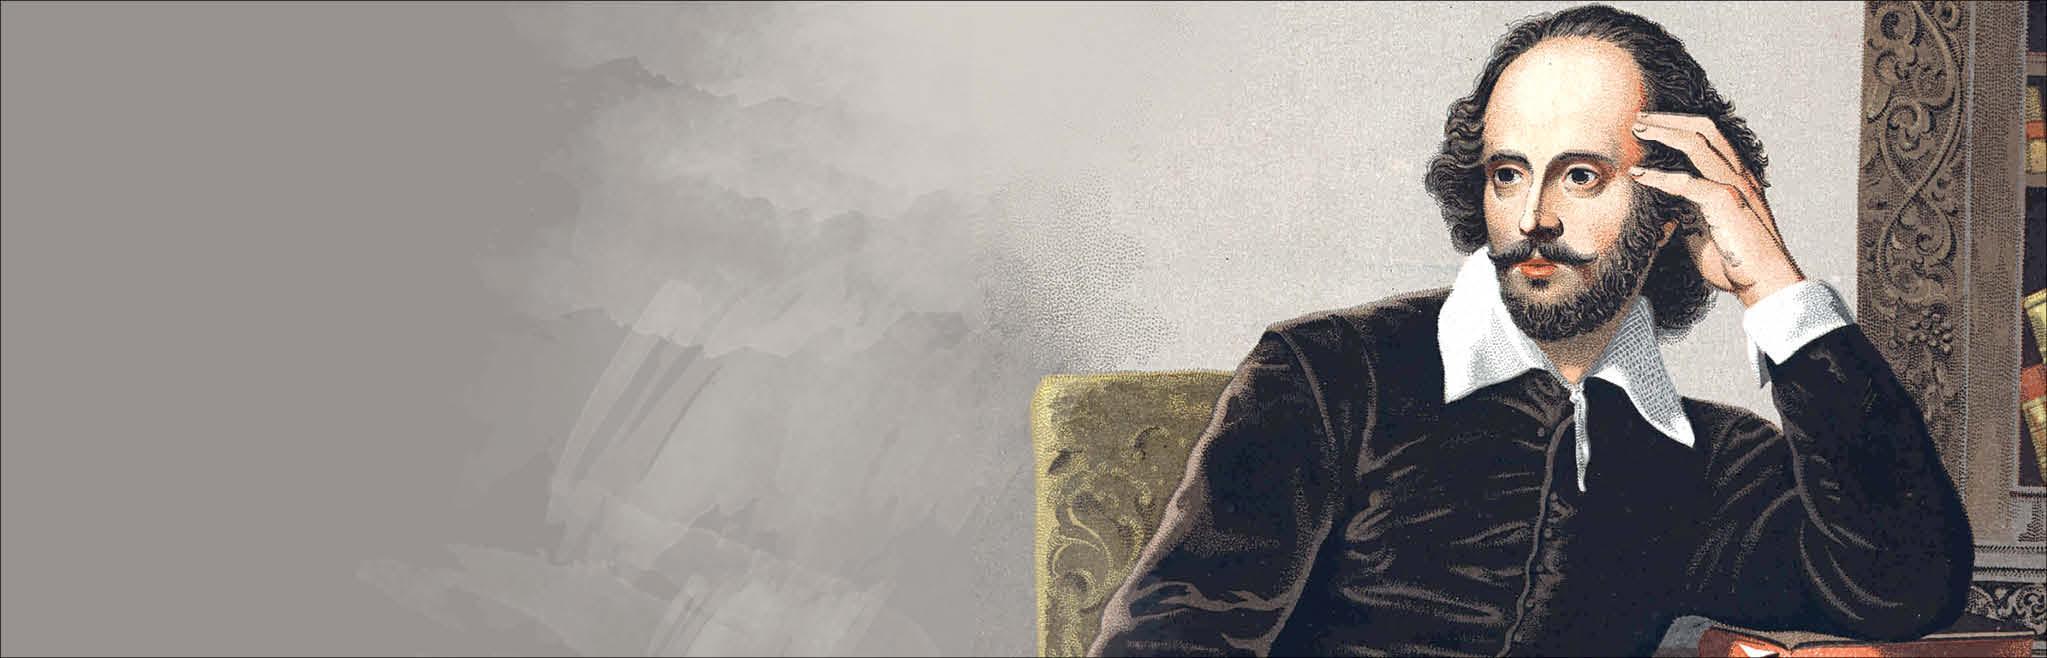 ویلیام شکسپیر,زندگی شکسپیر,نویسنده مشهور انگلیسی